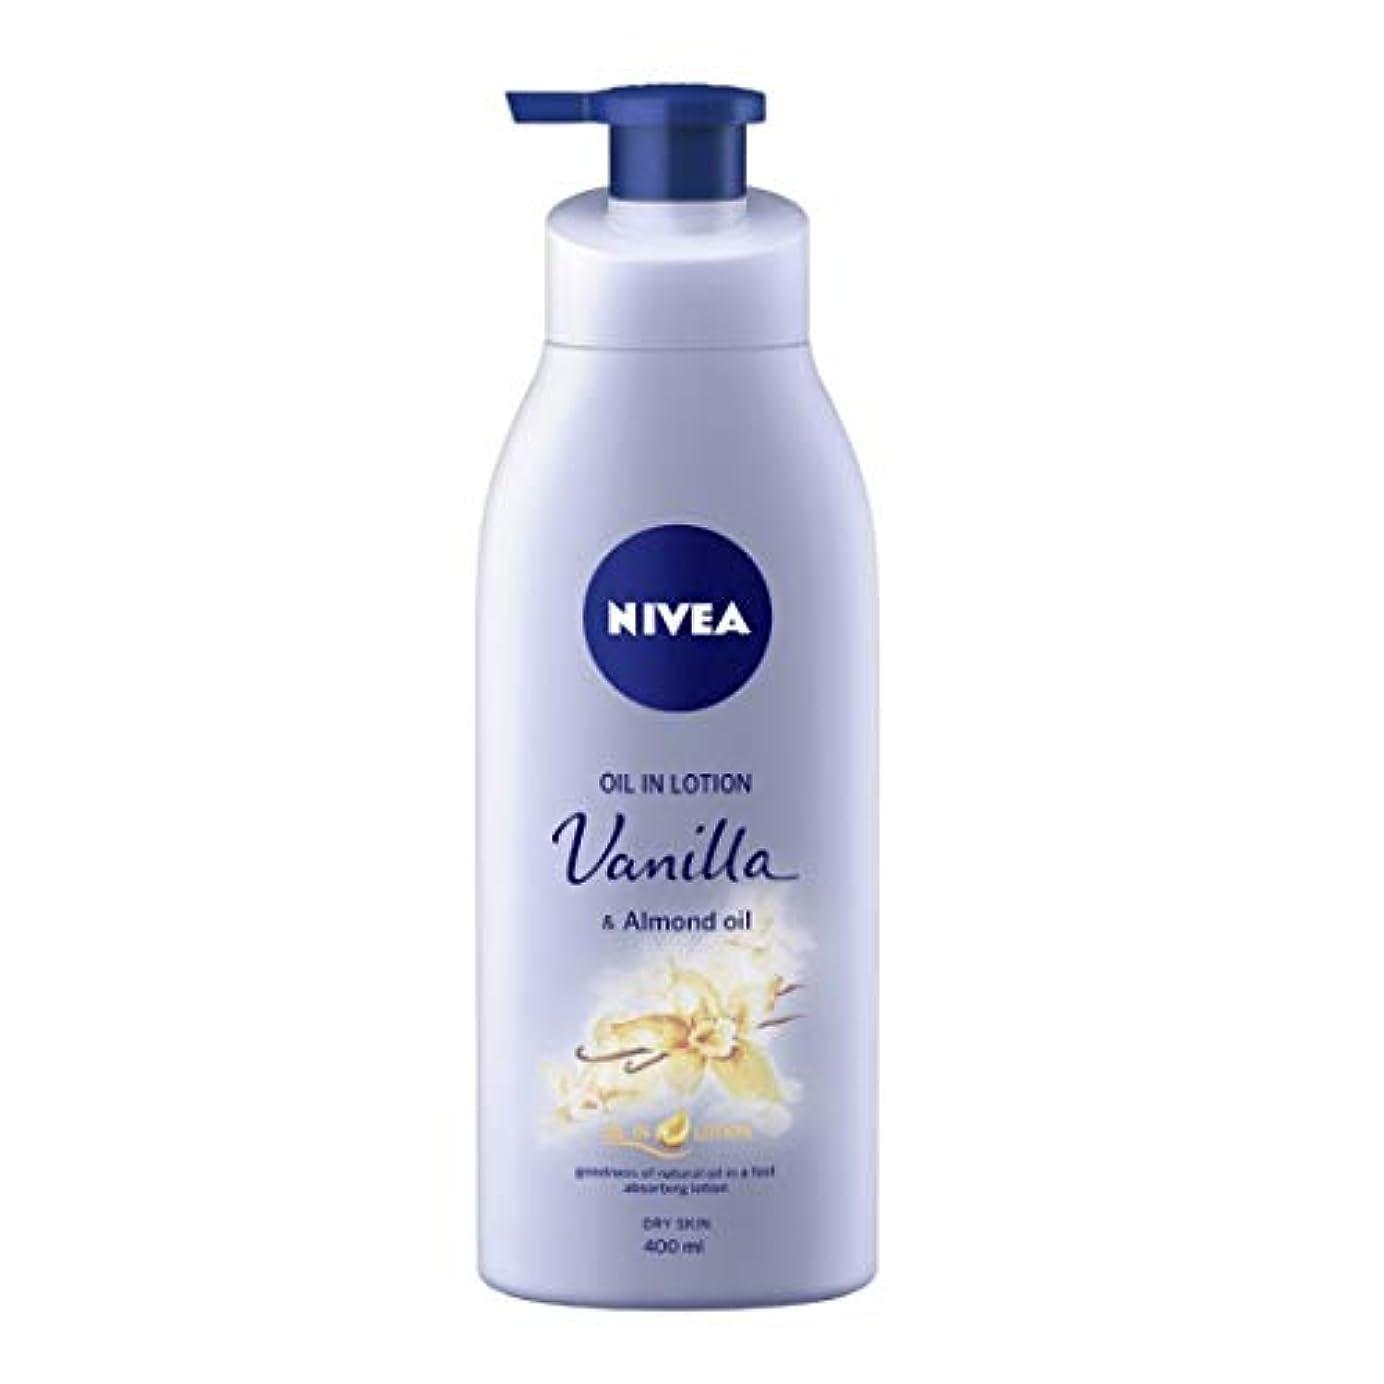 ピクニック素子バレーボールNIVEA Oil in Lotion, Vanilla and Almond Oil, 400ml